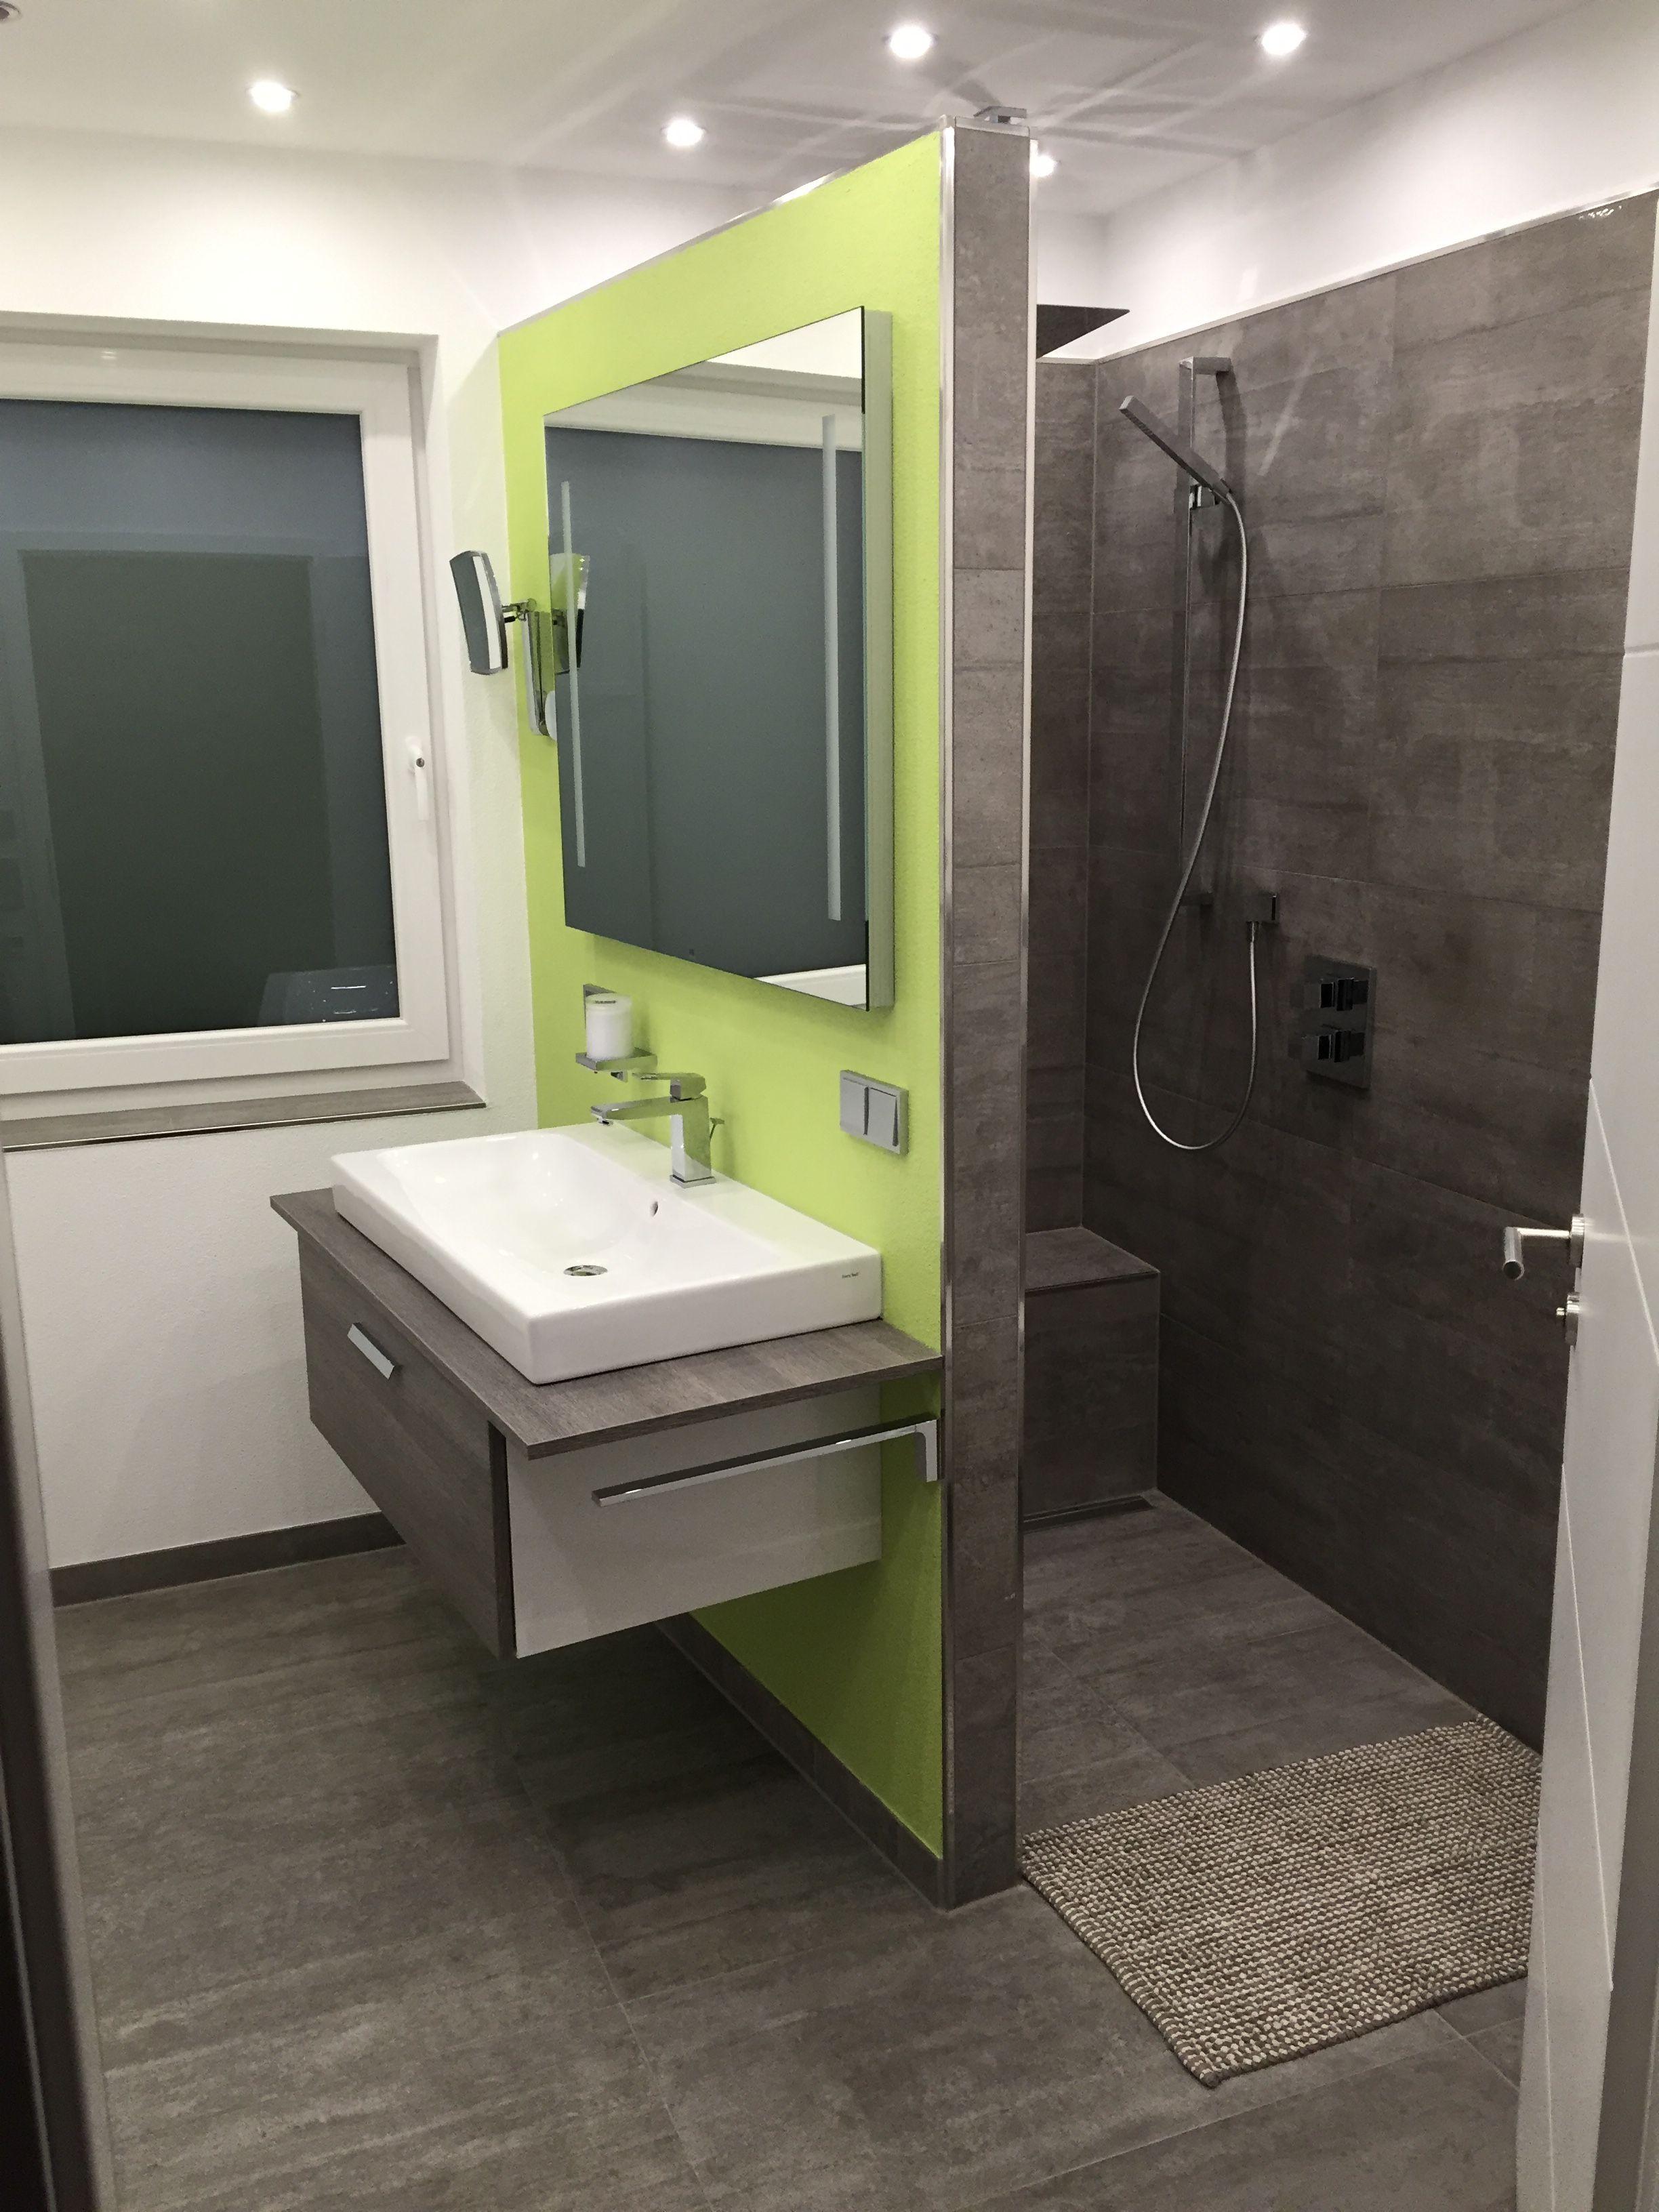 Badezimmer Mit Begehbarer Dusche Fliesen In Betonoptik Dusche Ohne Turen Fliesen Betonoptik Gemauerte Dusche